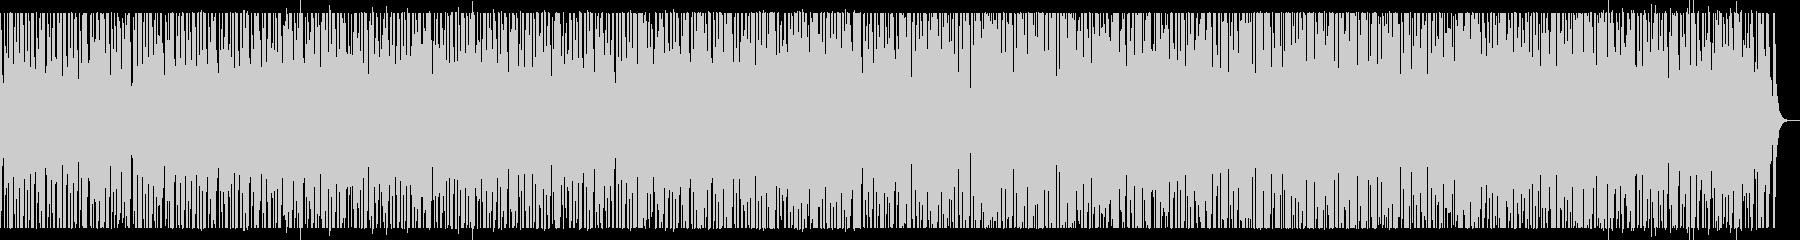 情熱的 和太鼓 x トライバル2の未再生の波形